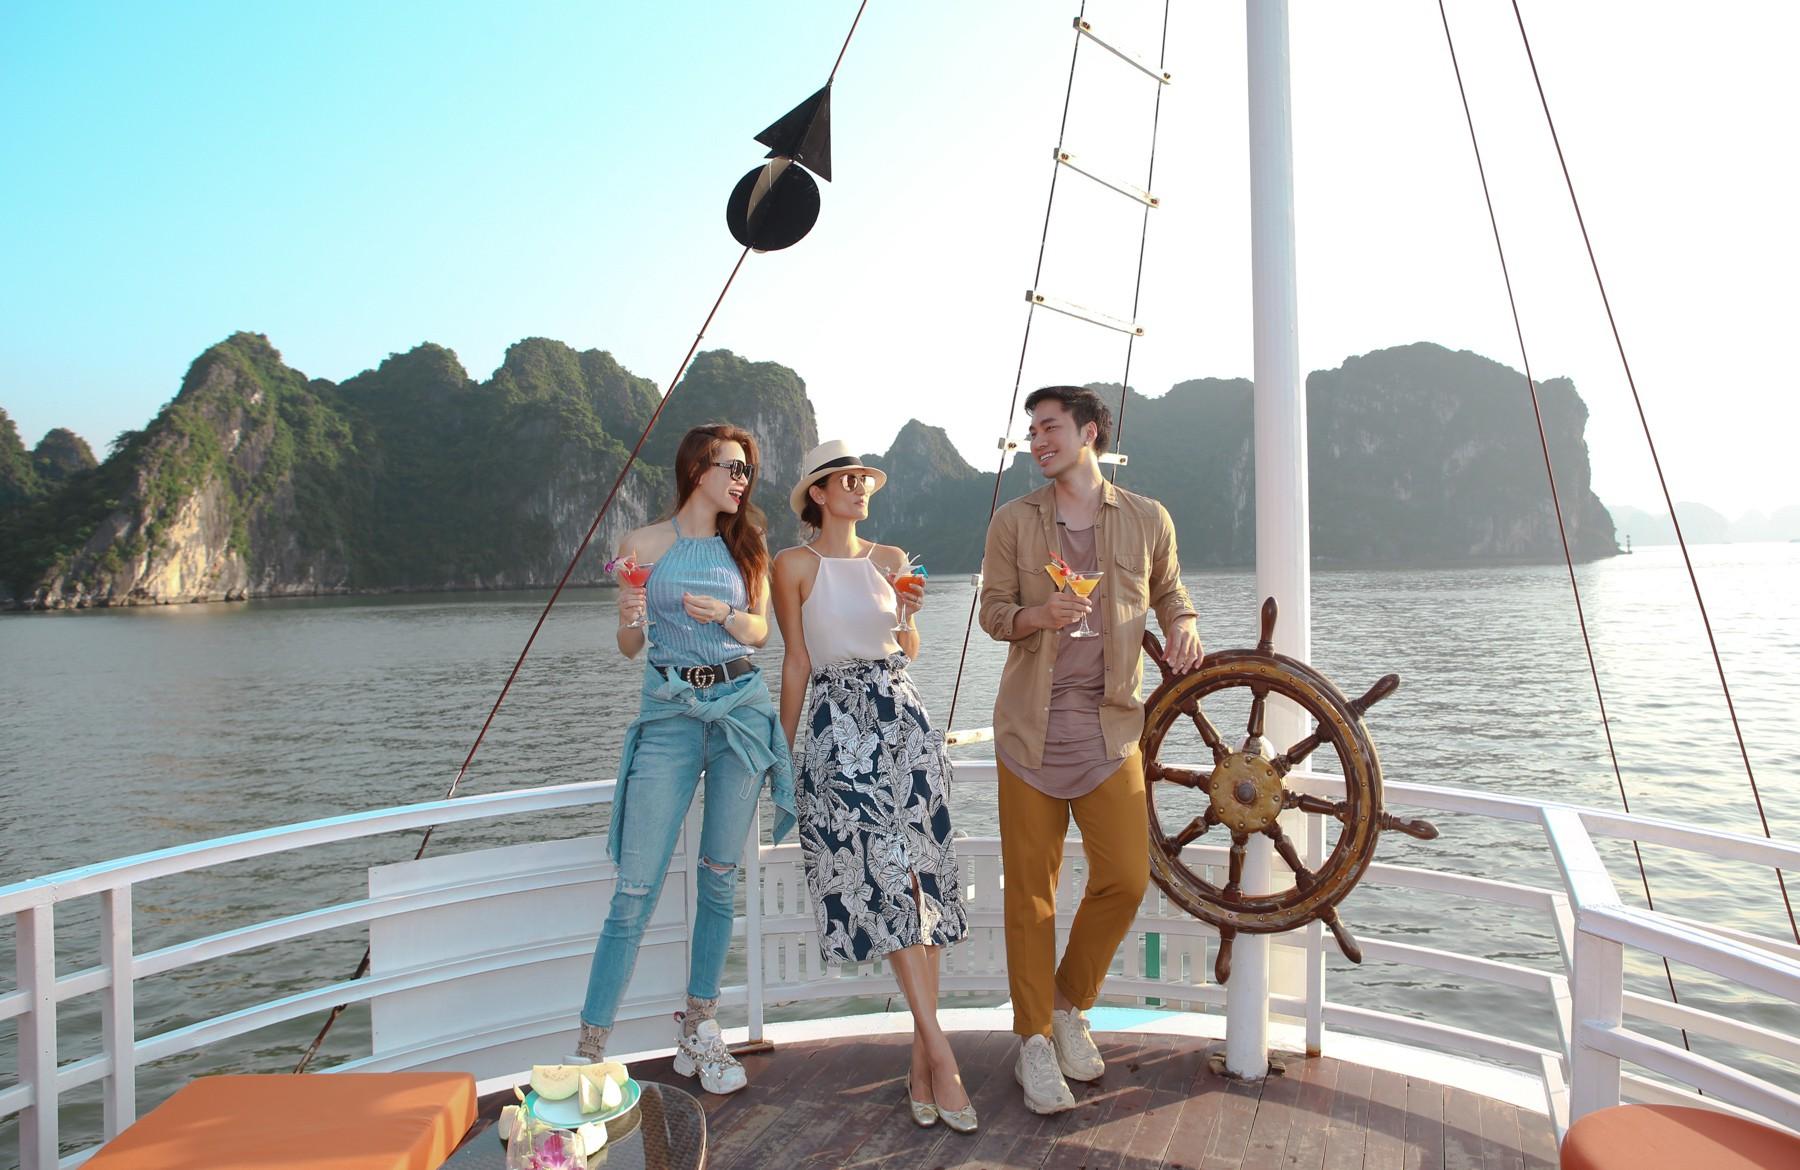 Kinh nghiệm du lịch bằng du thuyền và Top những du thuyền đẹp nhất tại Hạ Long